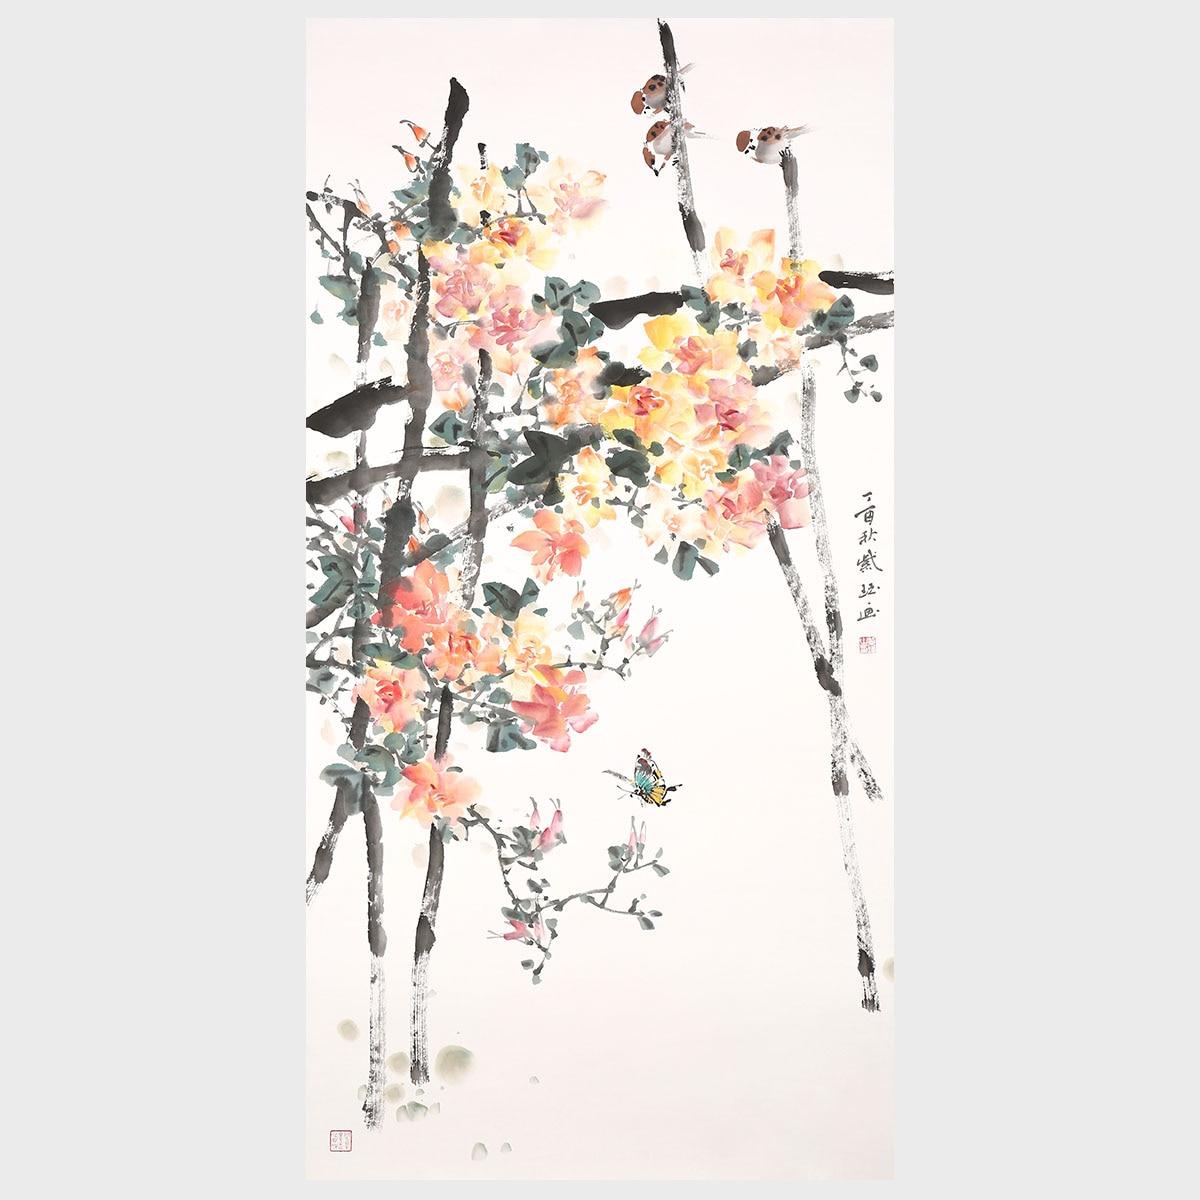 Все прекрасно круглый год цветок и птица живопись оригинальная ручная работа картина художественное оформление стены Декор